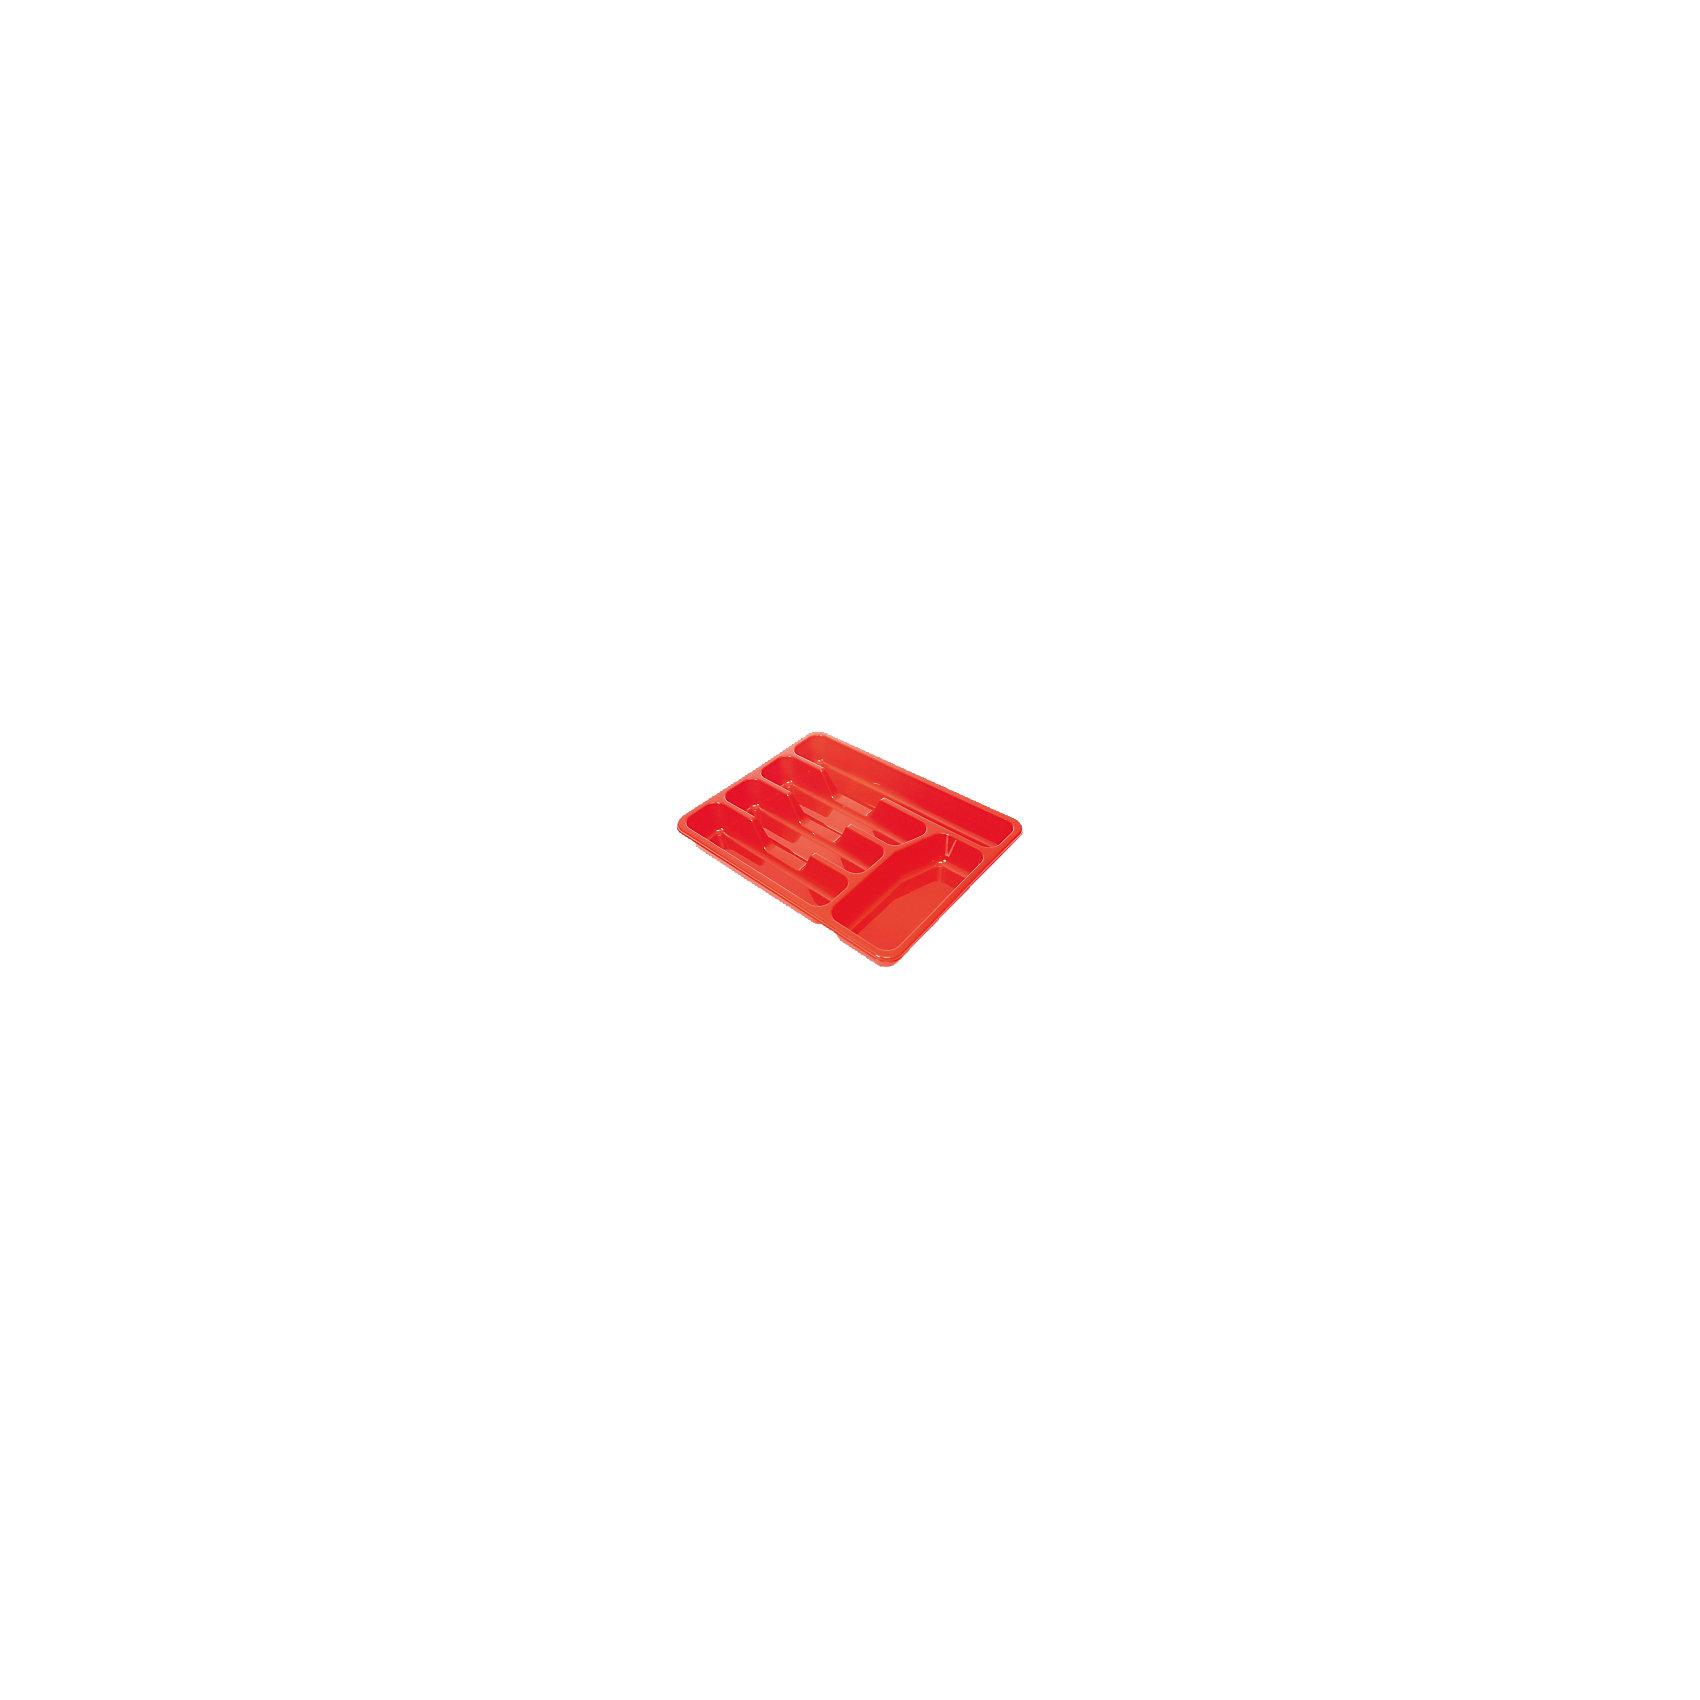 Лоток для столовых приборов, Plastic CentreПосуда<br>Лоток для столовых приборов поможет содержать ящик, где хранятся ложки и вилки, в полном порядке. Прочный пластик легко моется и прослужит долгое время.<br><br>Ширина мм: 330<br>Глубина мм: 260<br>Высота мм: 43<br>Вес г: 166<br>Возраст от месяцев: 216<br>Возраст до месяцев: 1188<br>Пол: Унисекс<br>Возраст: Детский<br>SKU: 5545682